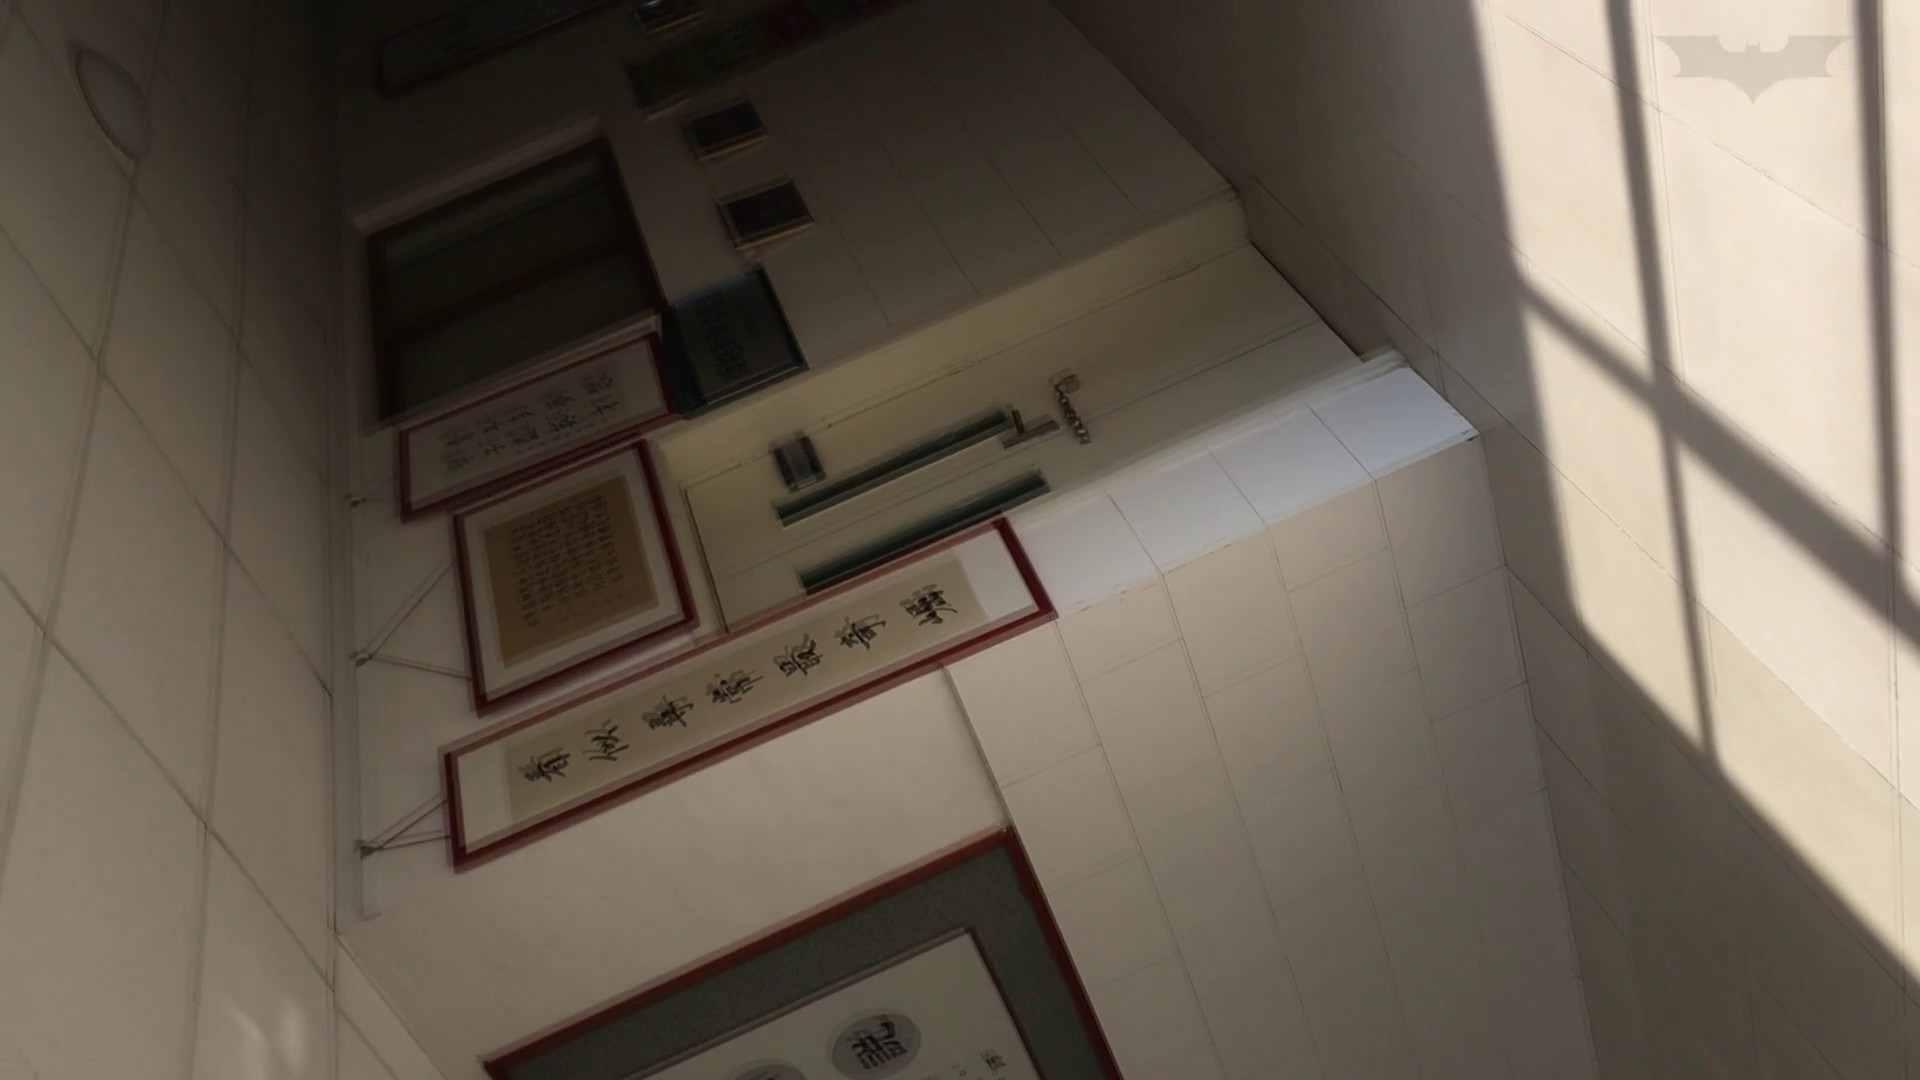 芸術大学ガチ潜入盗撮 JD盗撮 美女の洗面所の秘密 Vol.91 トイレ  72PIX 9